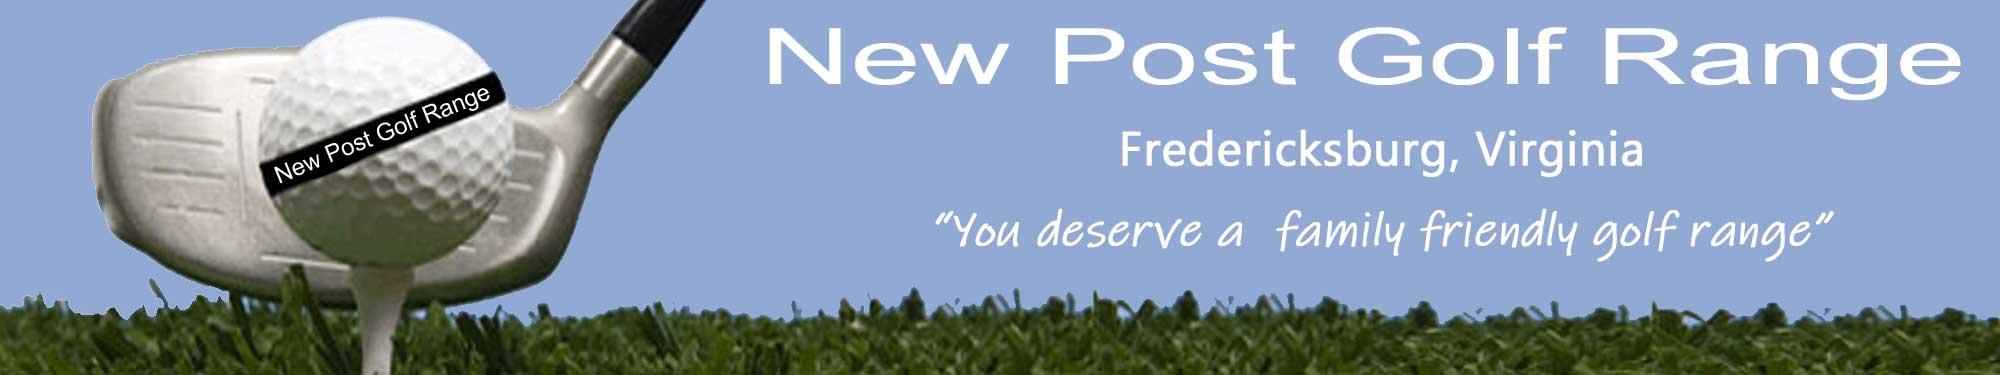 NPGR Banner